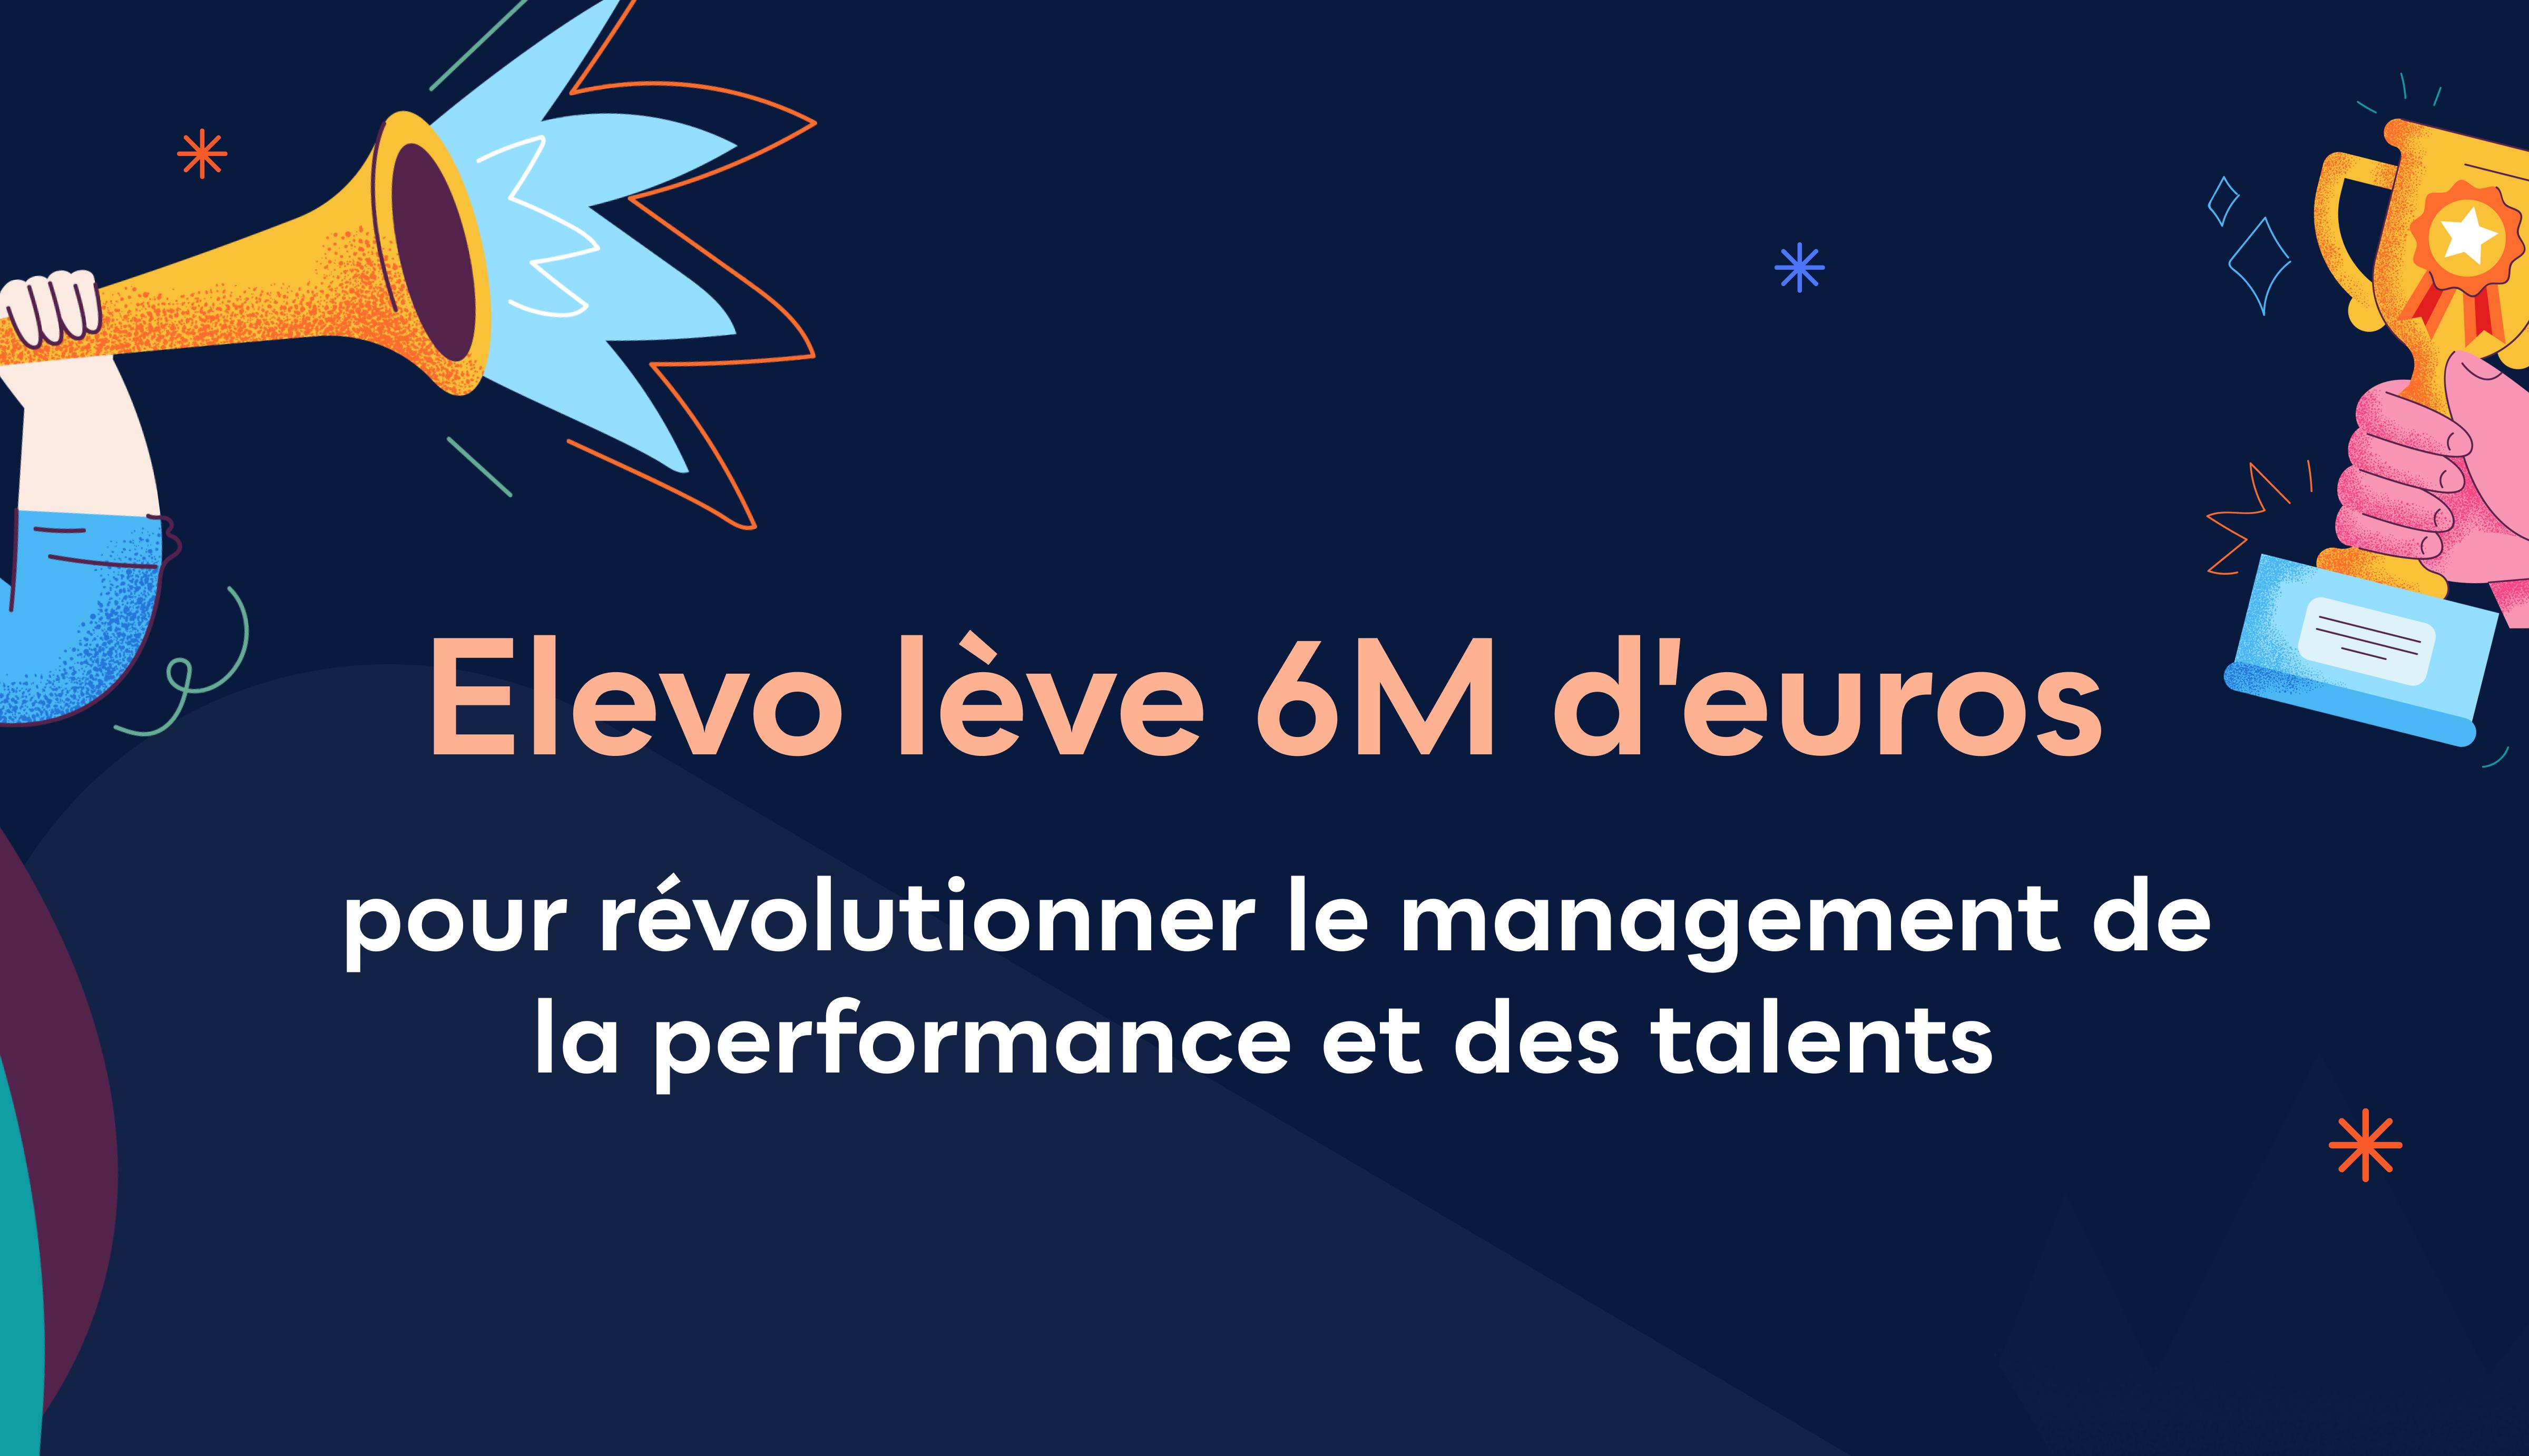 Elevo opère une levée de fonds de 6M€ pour révolutionner le management de la performance et des talents